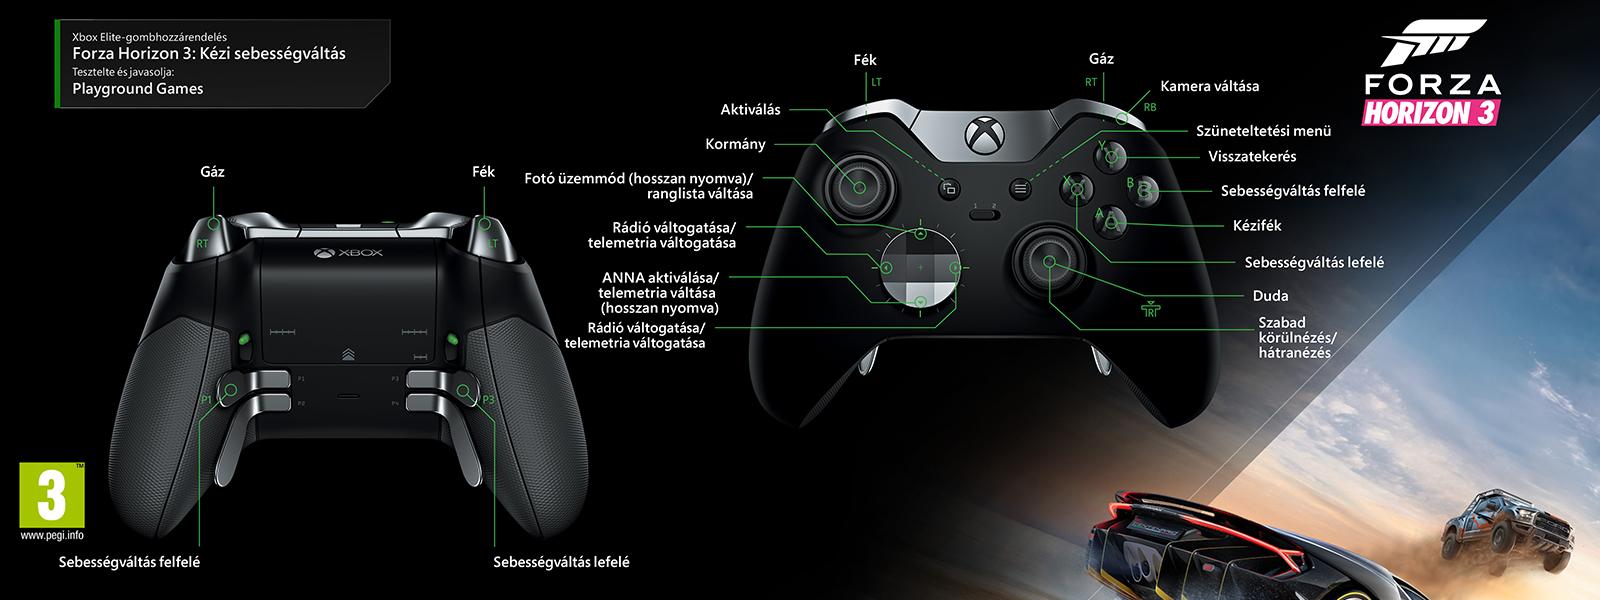 """Forza Horizon 3 – """"kézi váltás"""" Elit-gombkiosztás"""